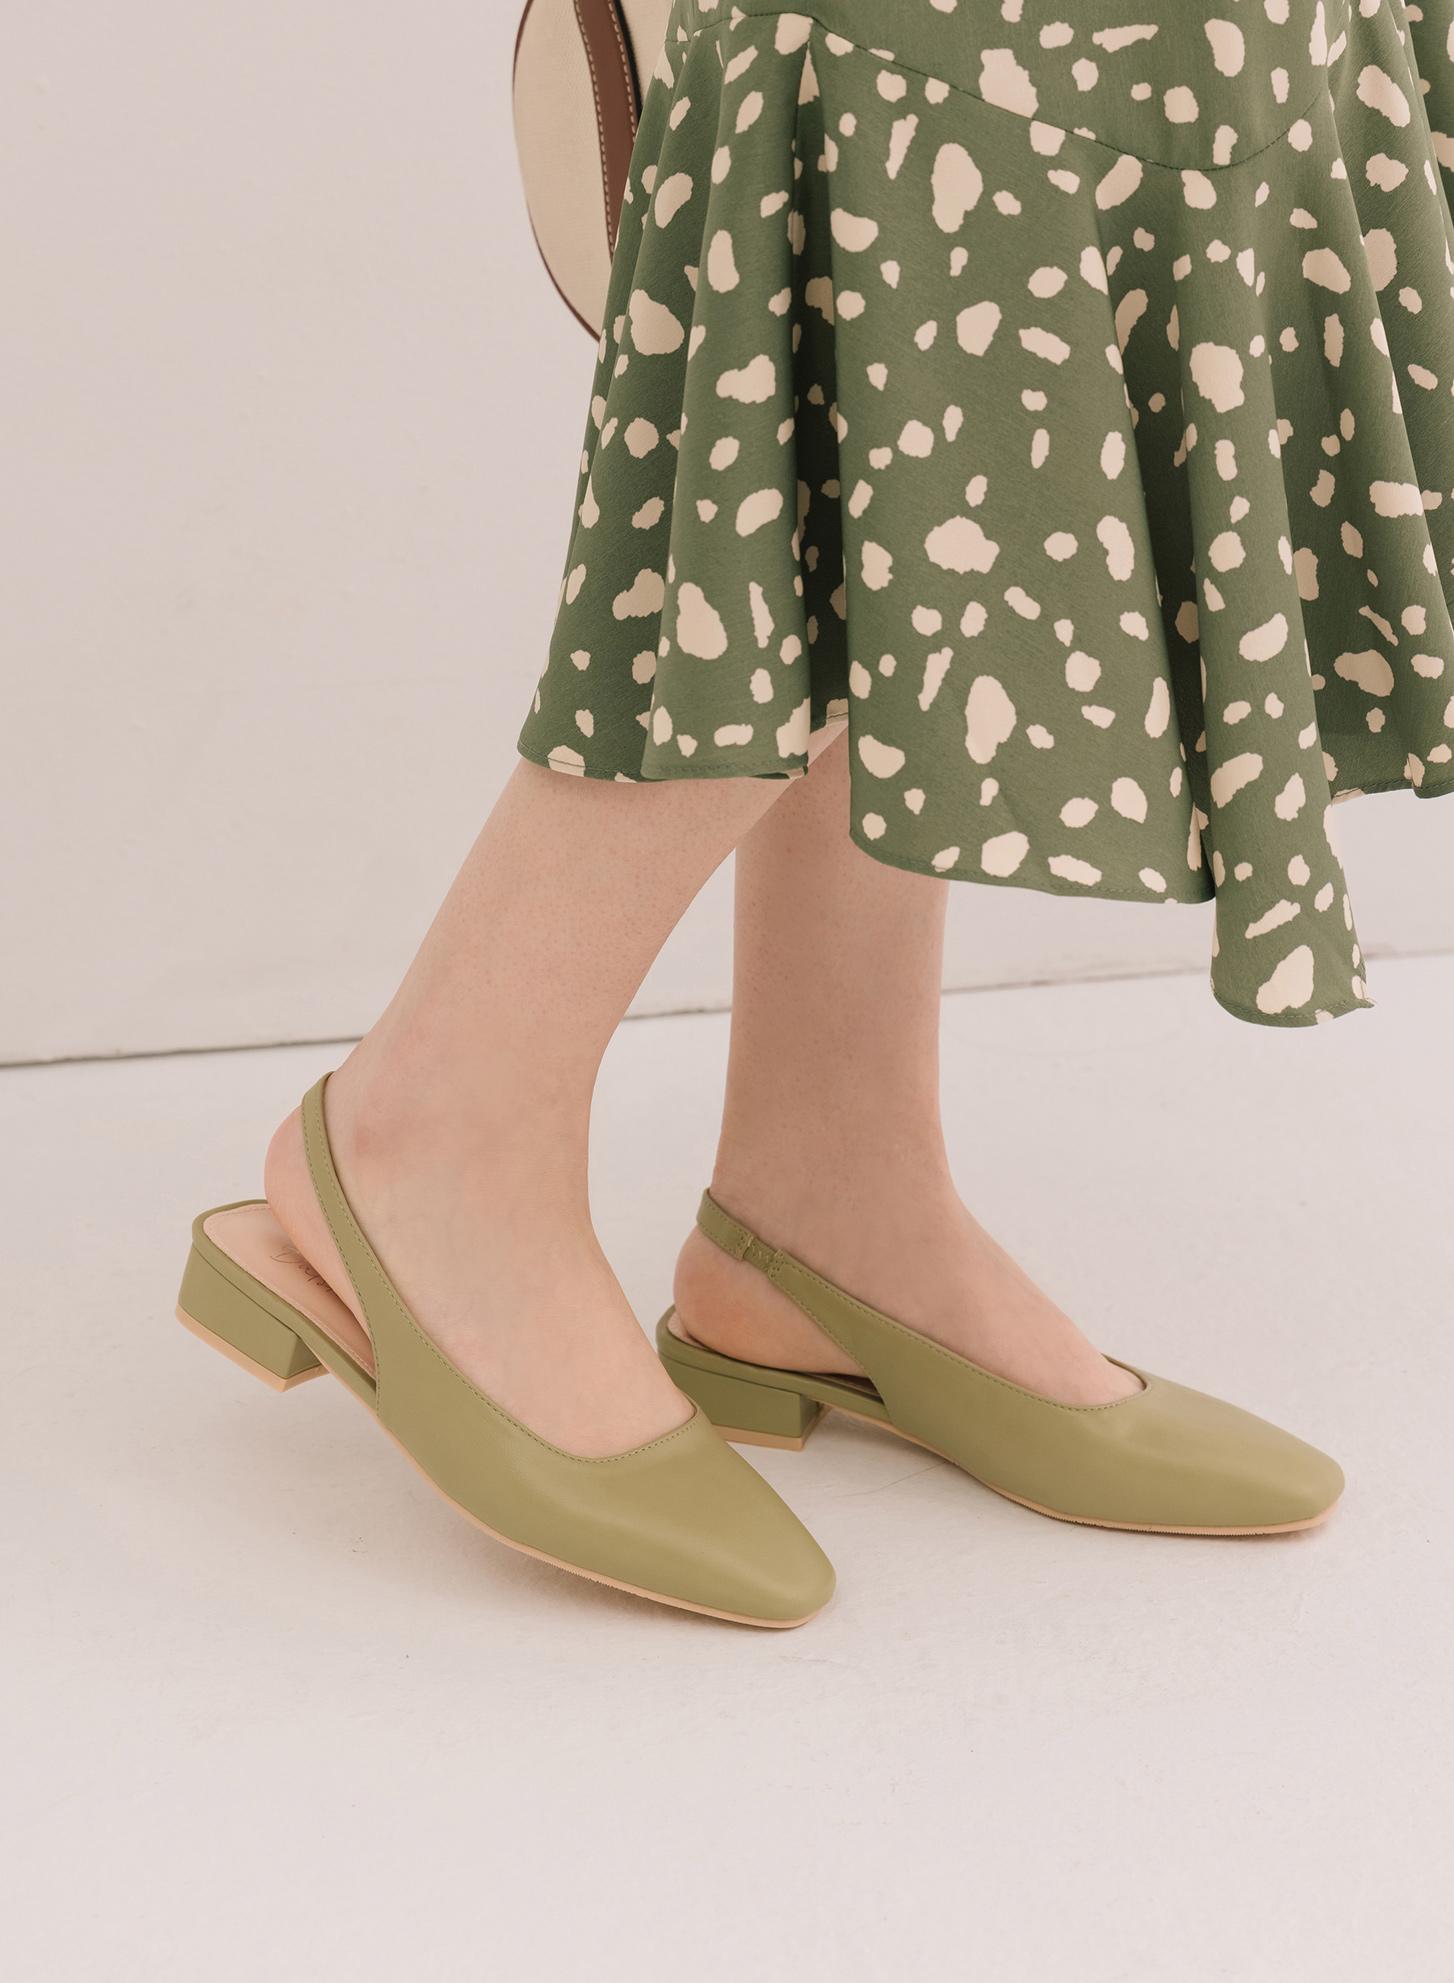 D+AF素面方頭後空低跟鞋 後空鞋推薦 早春流行